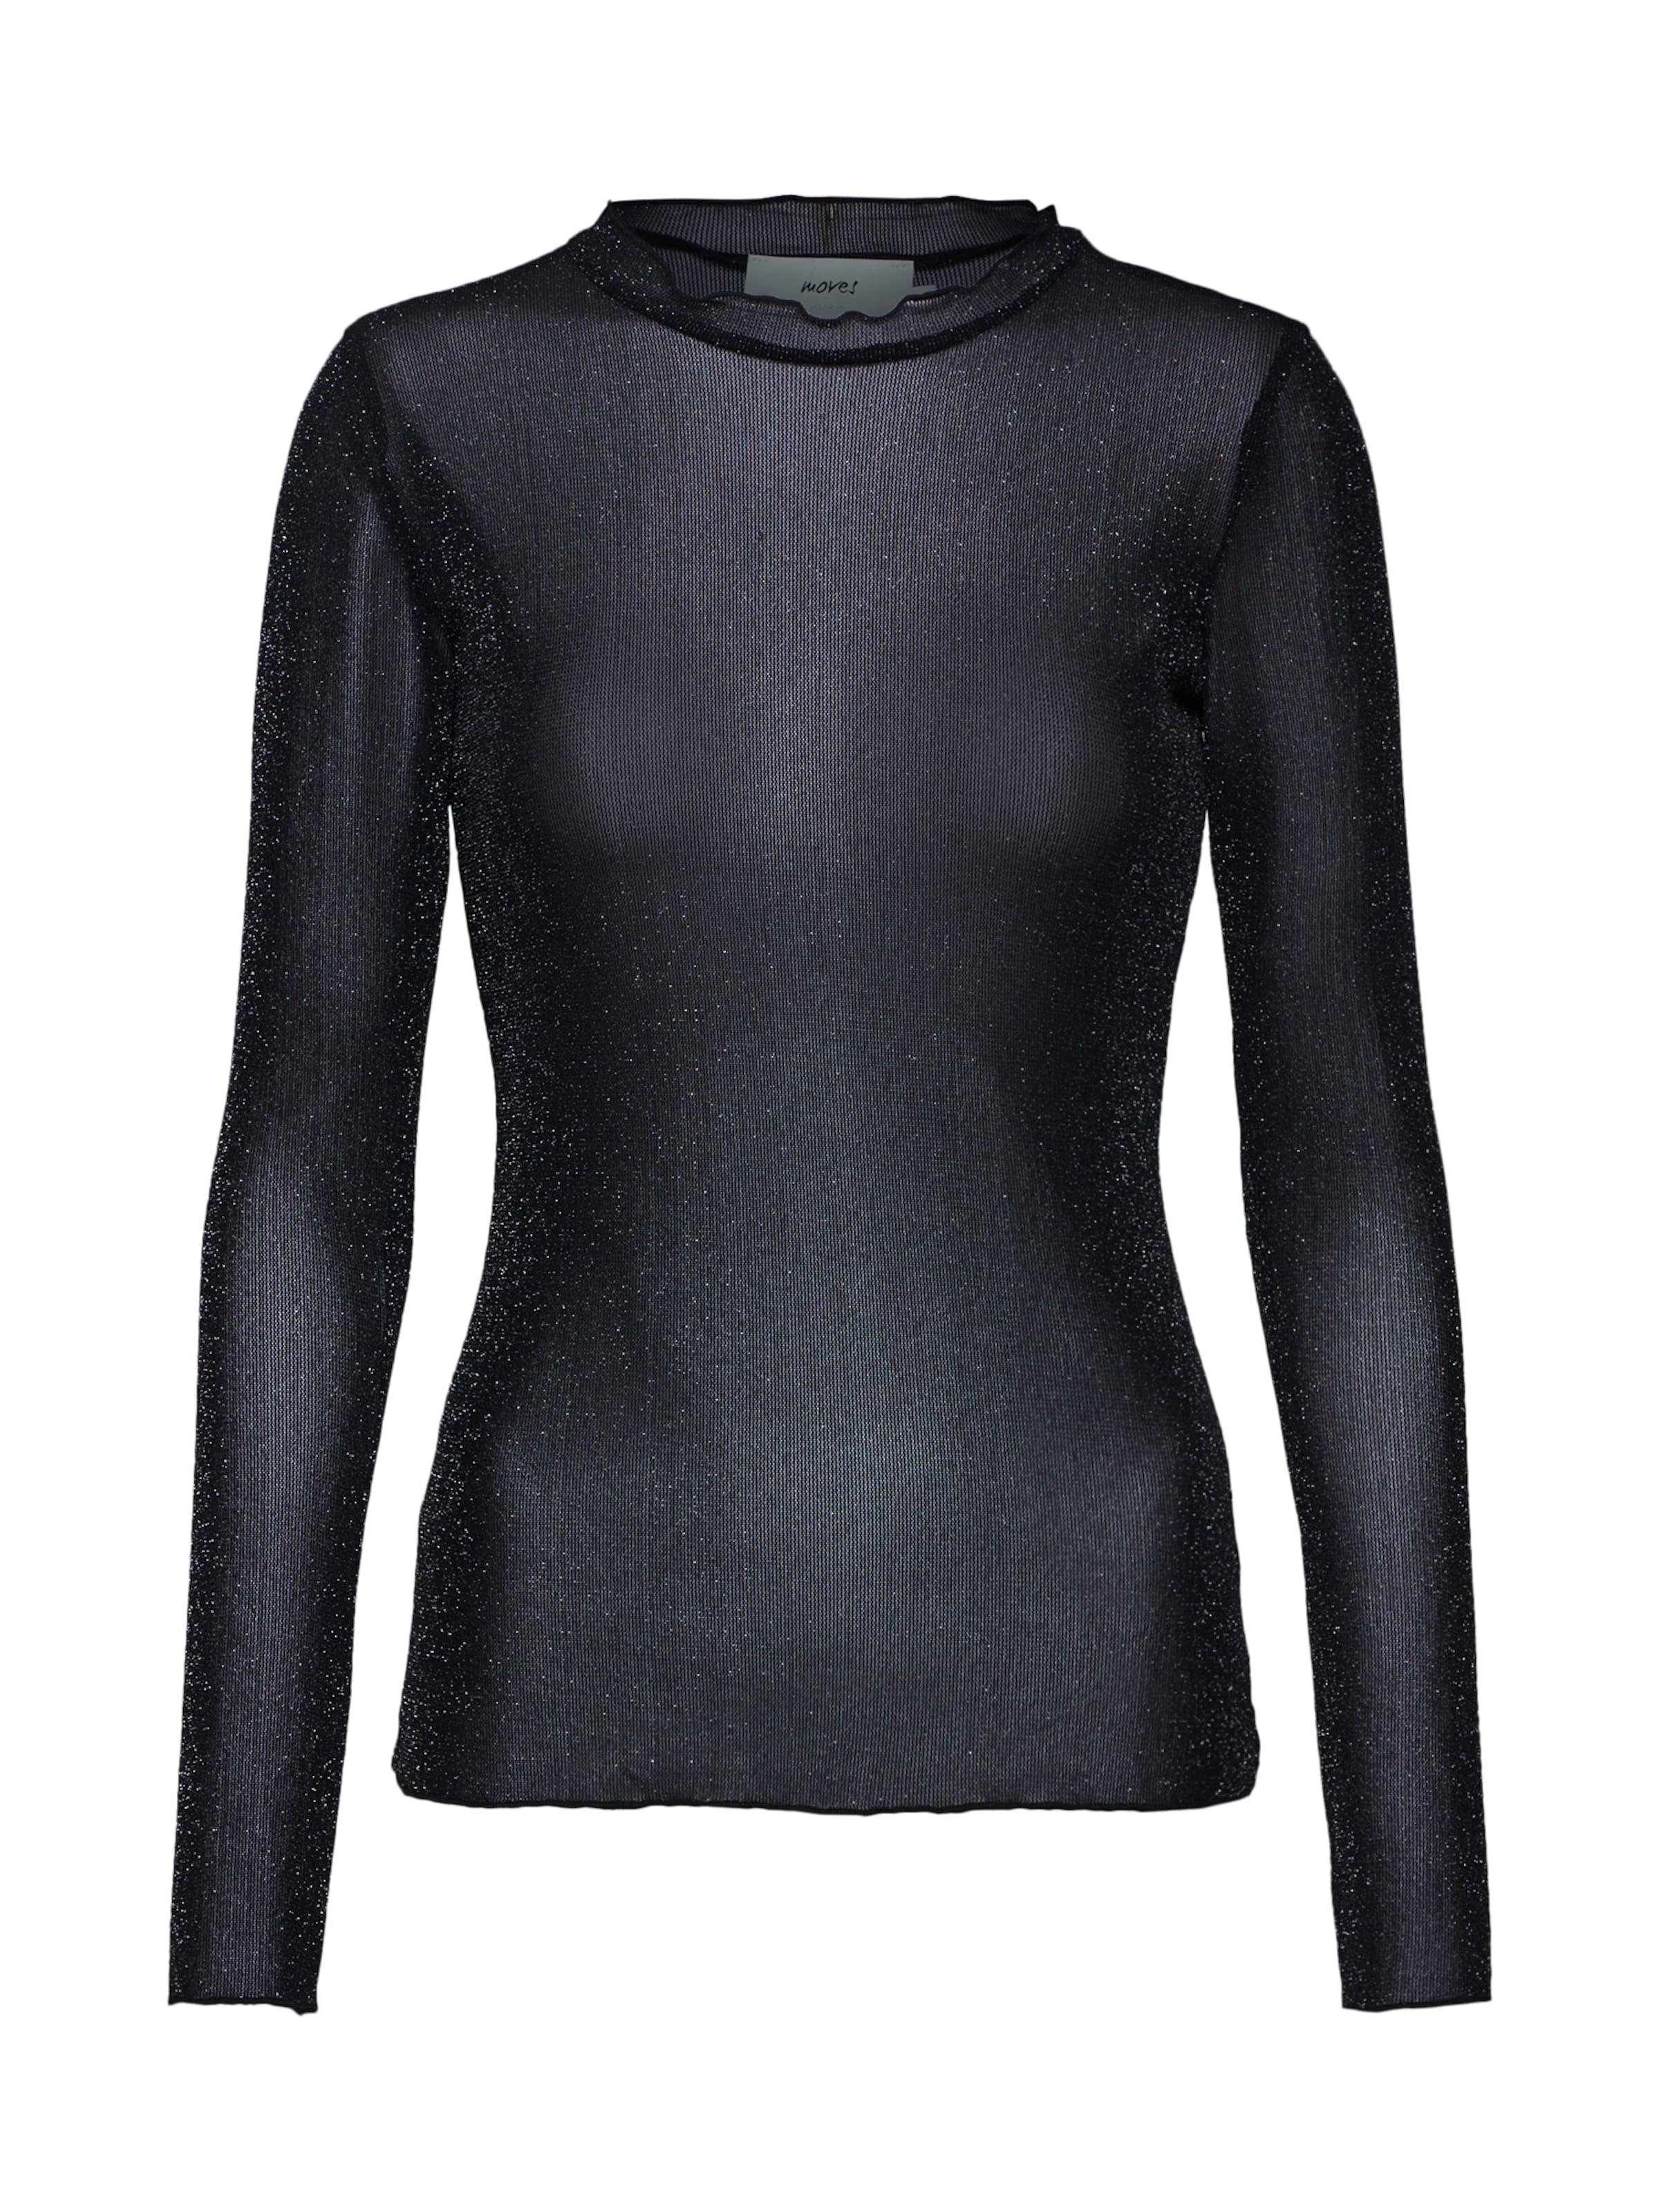 'markhild' Shirt Moves Schwarz Moves 'markhild' Shirt In Shirt 'markhild' In Moves Schwarz oreBWCdxQE